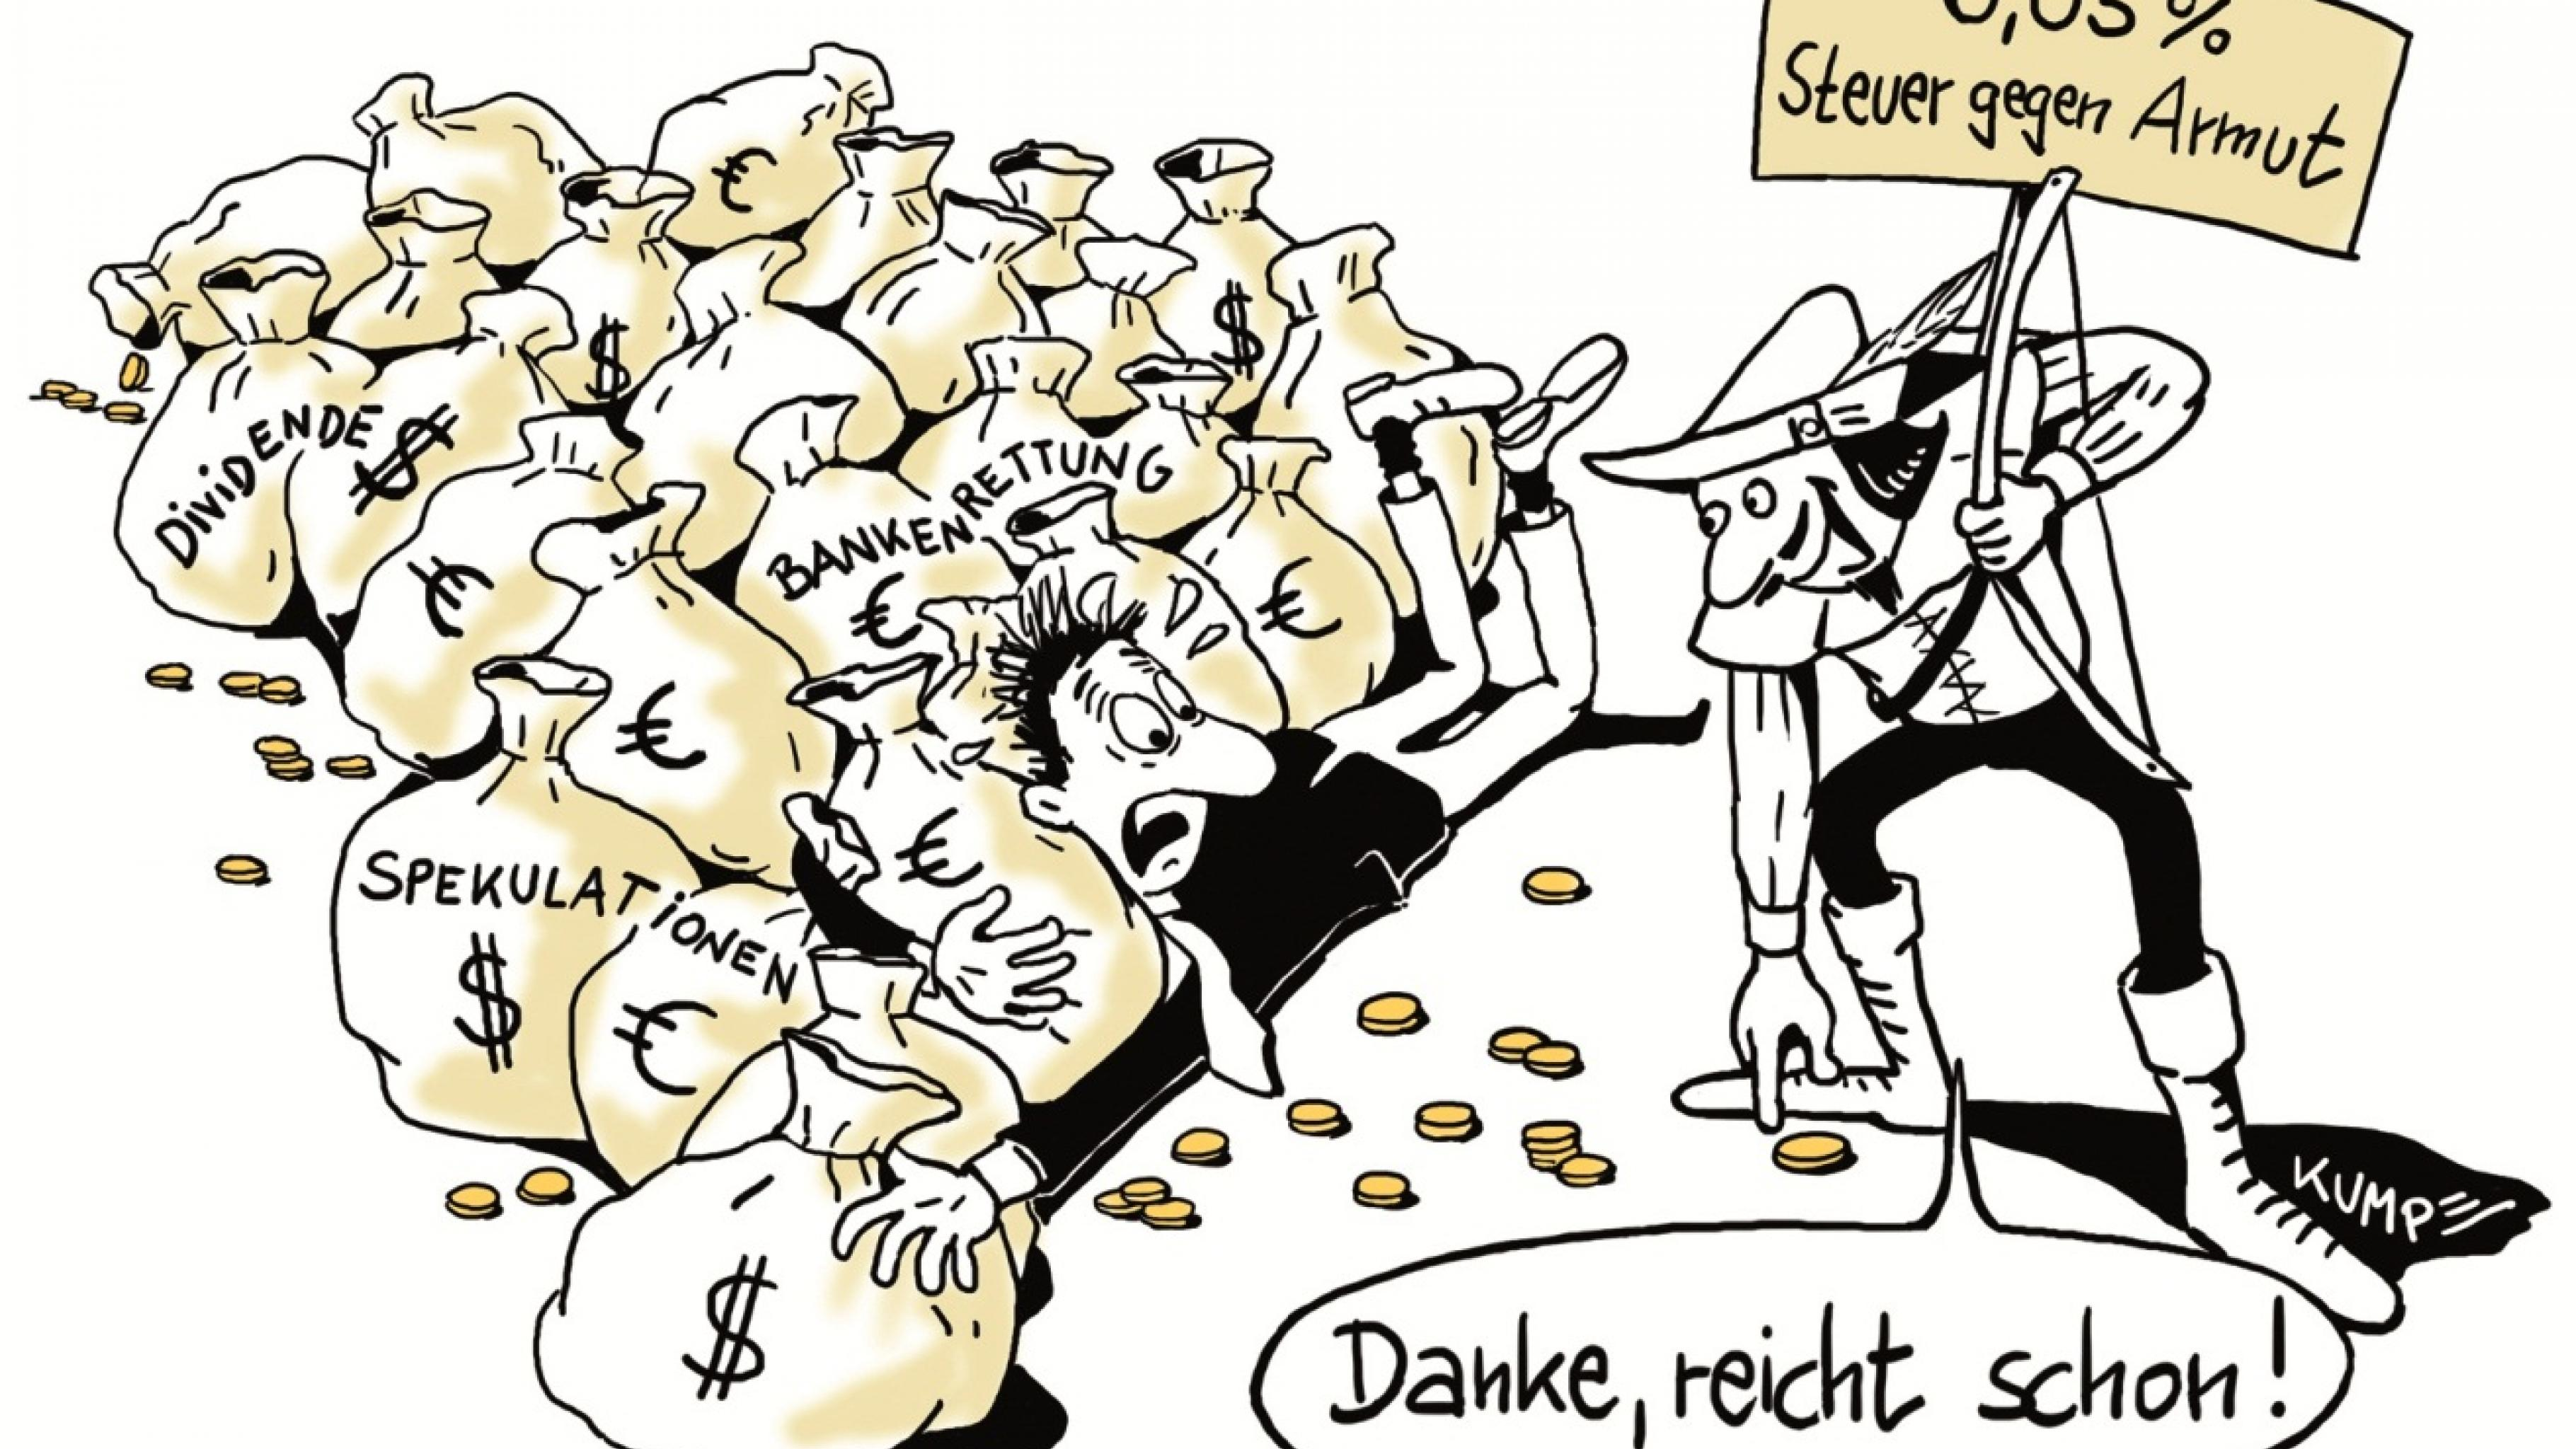 Robin Hood kämpft für die Steuer gegen Armut